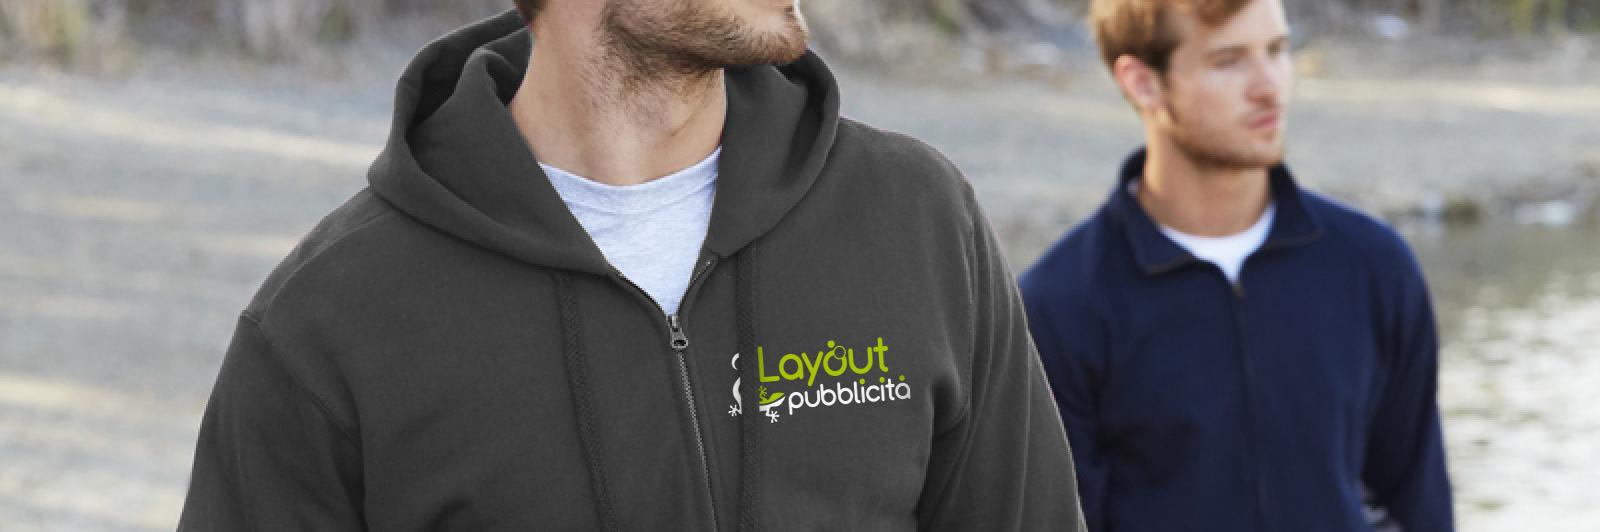 logo-maglie-personalizzate-verona